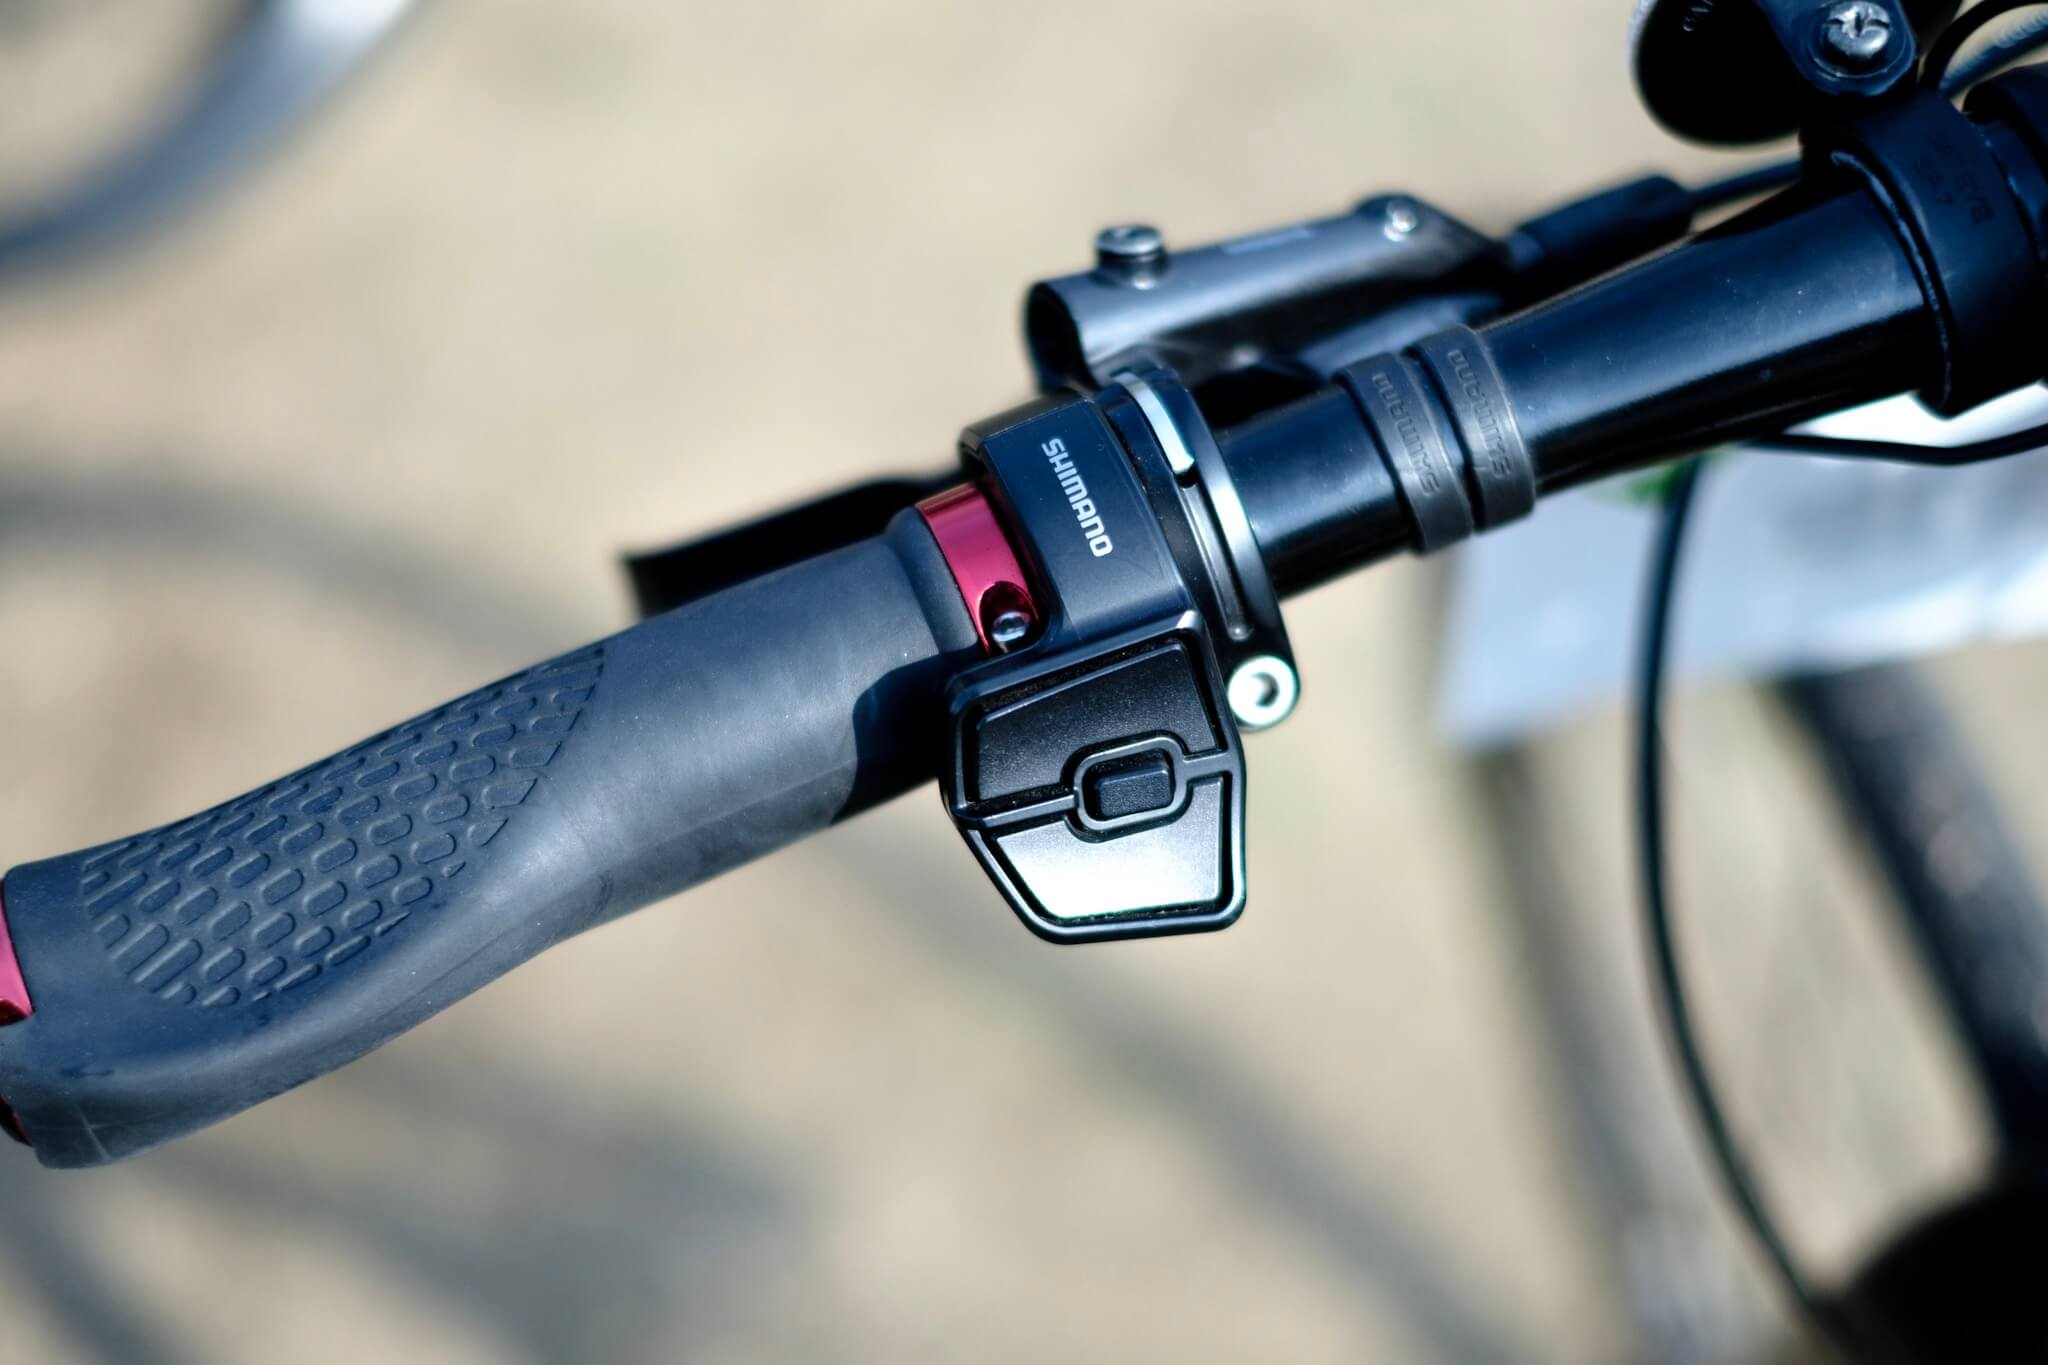 E-スポーツバイクのアシスト調整ボタン